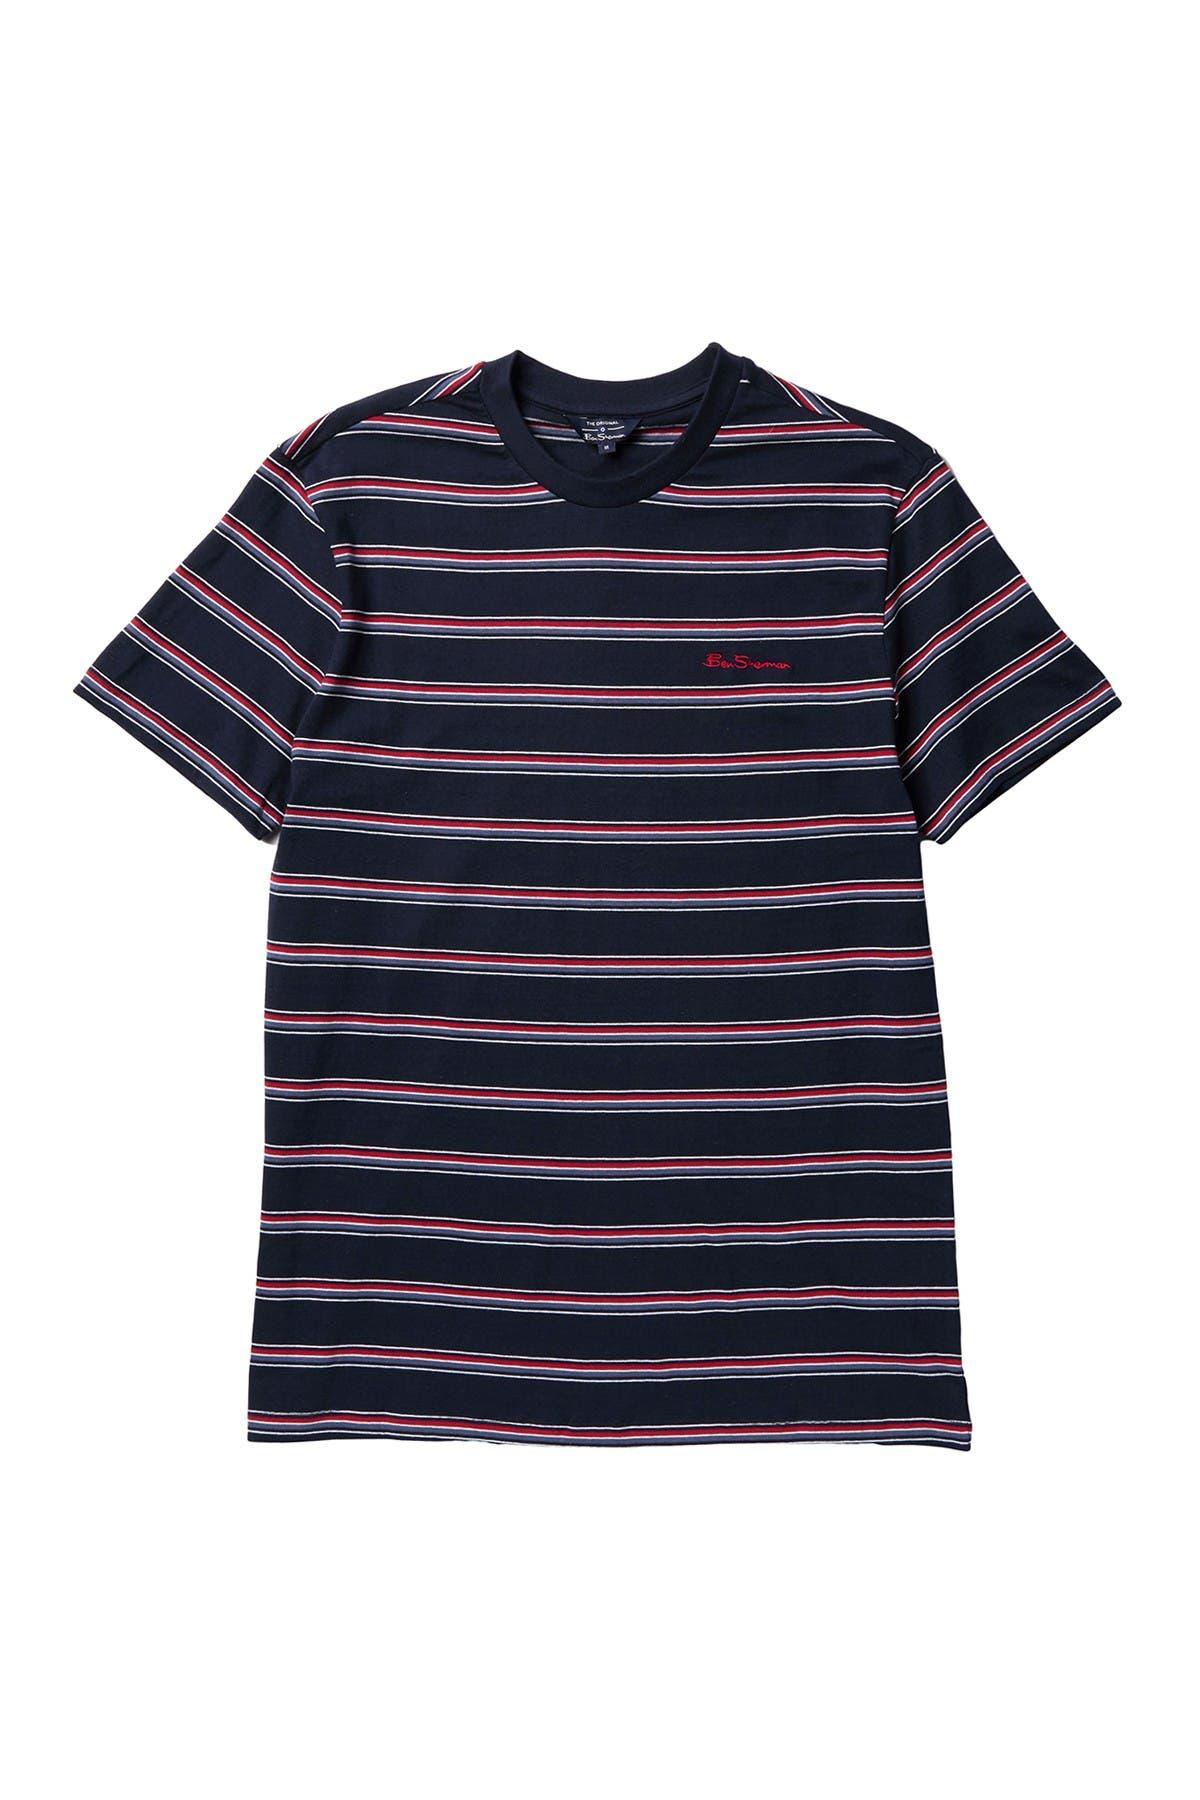 Image of Ben Sherman Short Sleeve Stripe T-Shirt